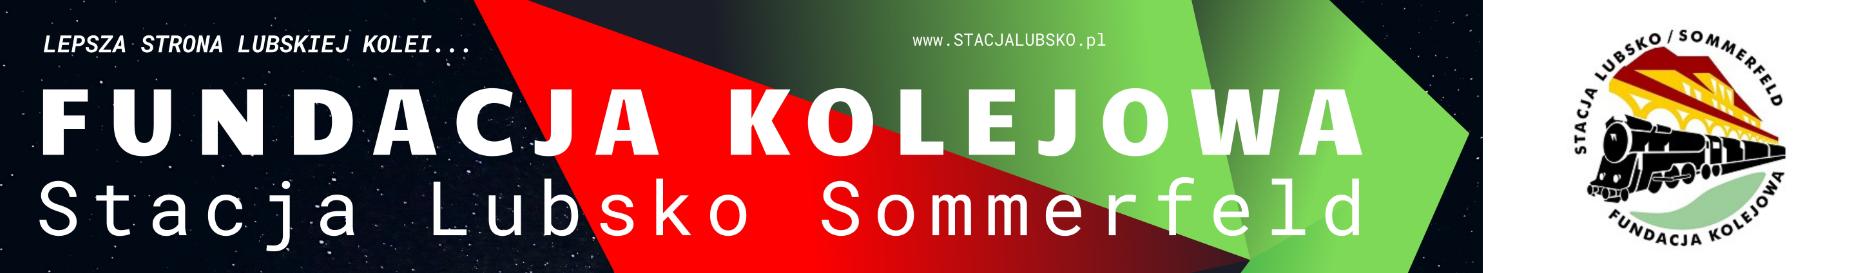 FUNDACJA KOLEJOWA Stacja Lubsko / Sommerfeld